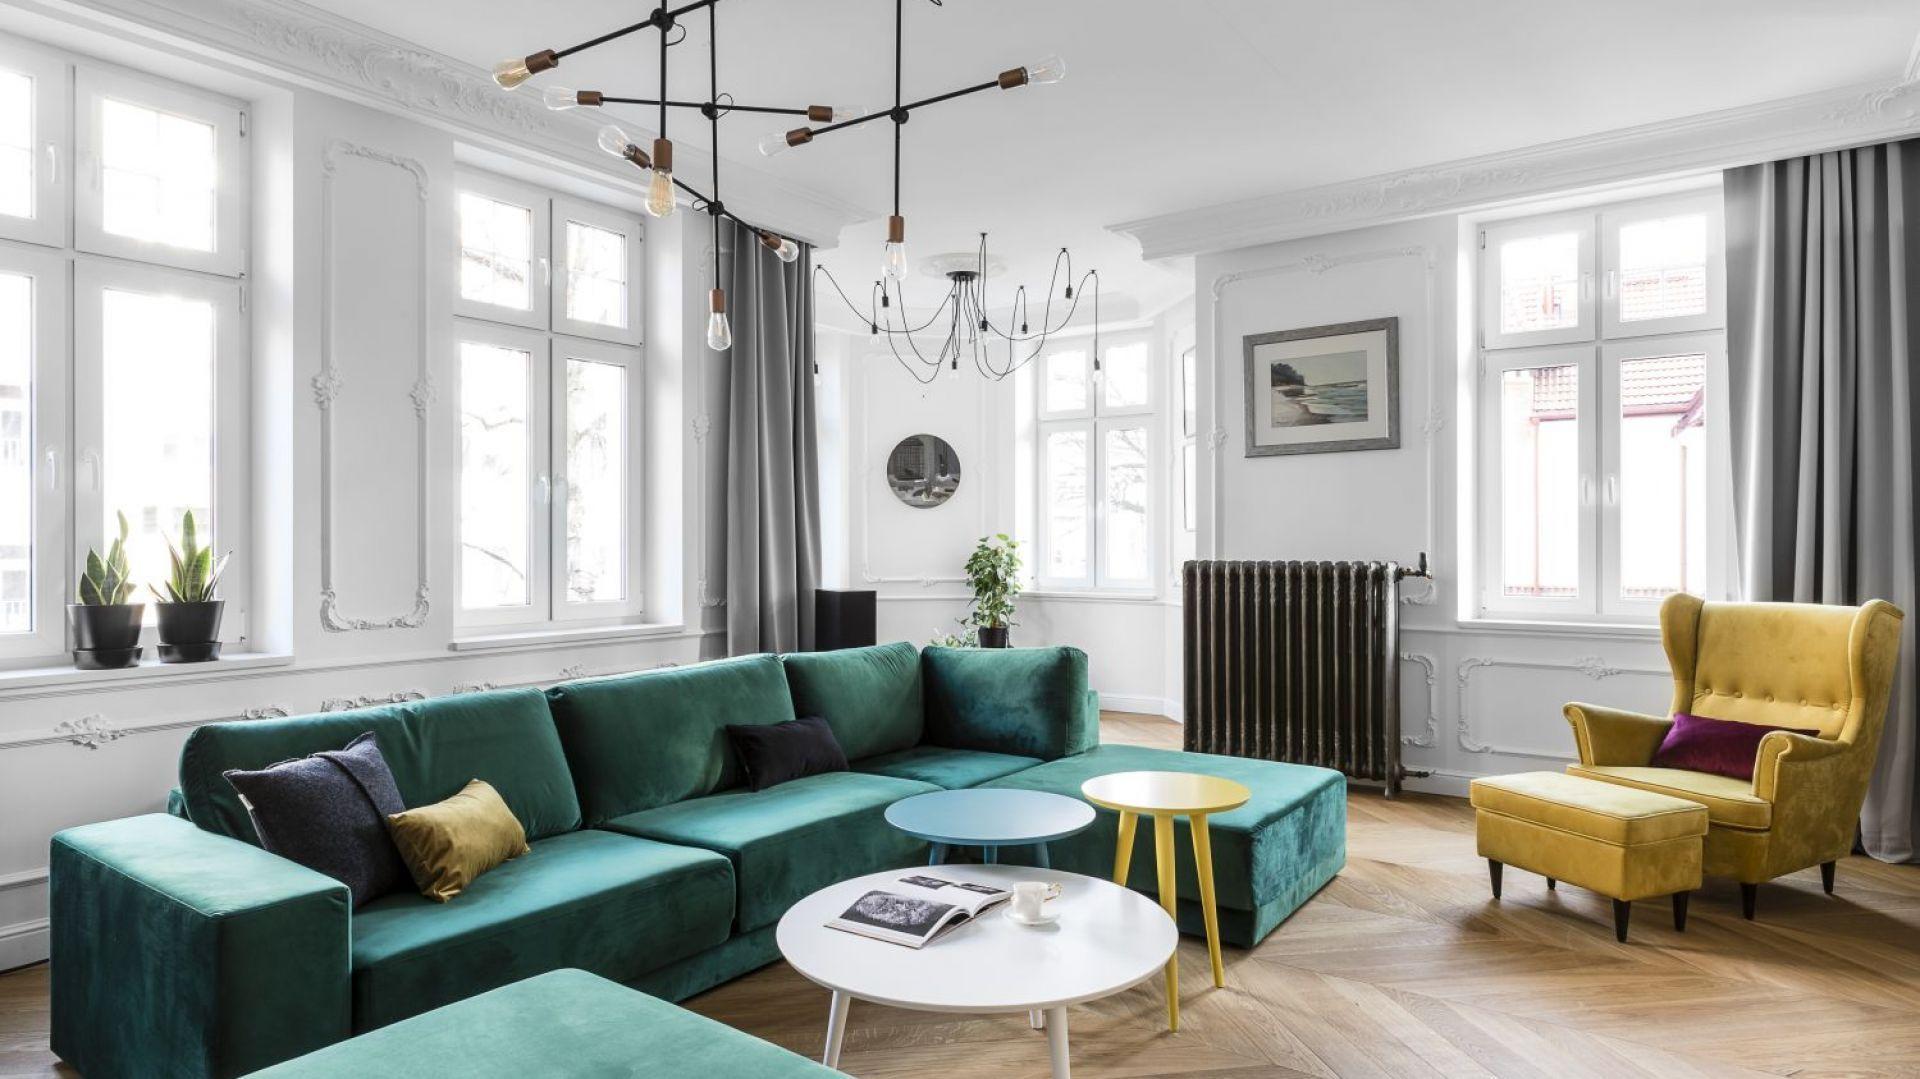 Piękne, jasne wnętrze z kanapą w kolorze butelkowej zieleni i żółtym, stylowym fotelem. Projekt: Anna Maria Sokołowska, pracownia Anna Maria Sokołowska Architektura Wnętrz. Fot. Fotomohito